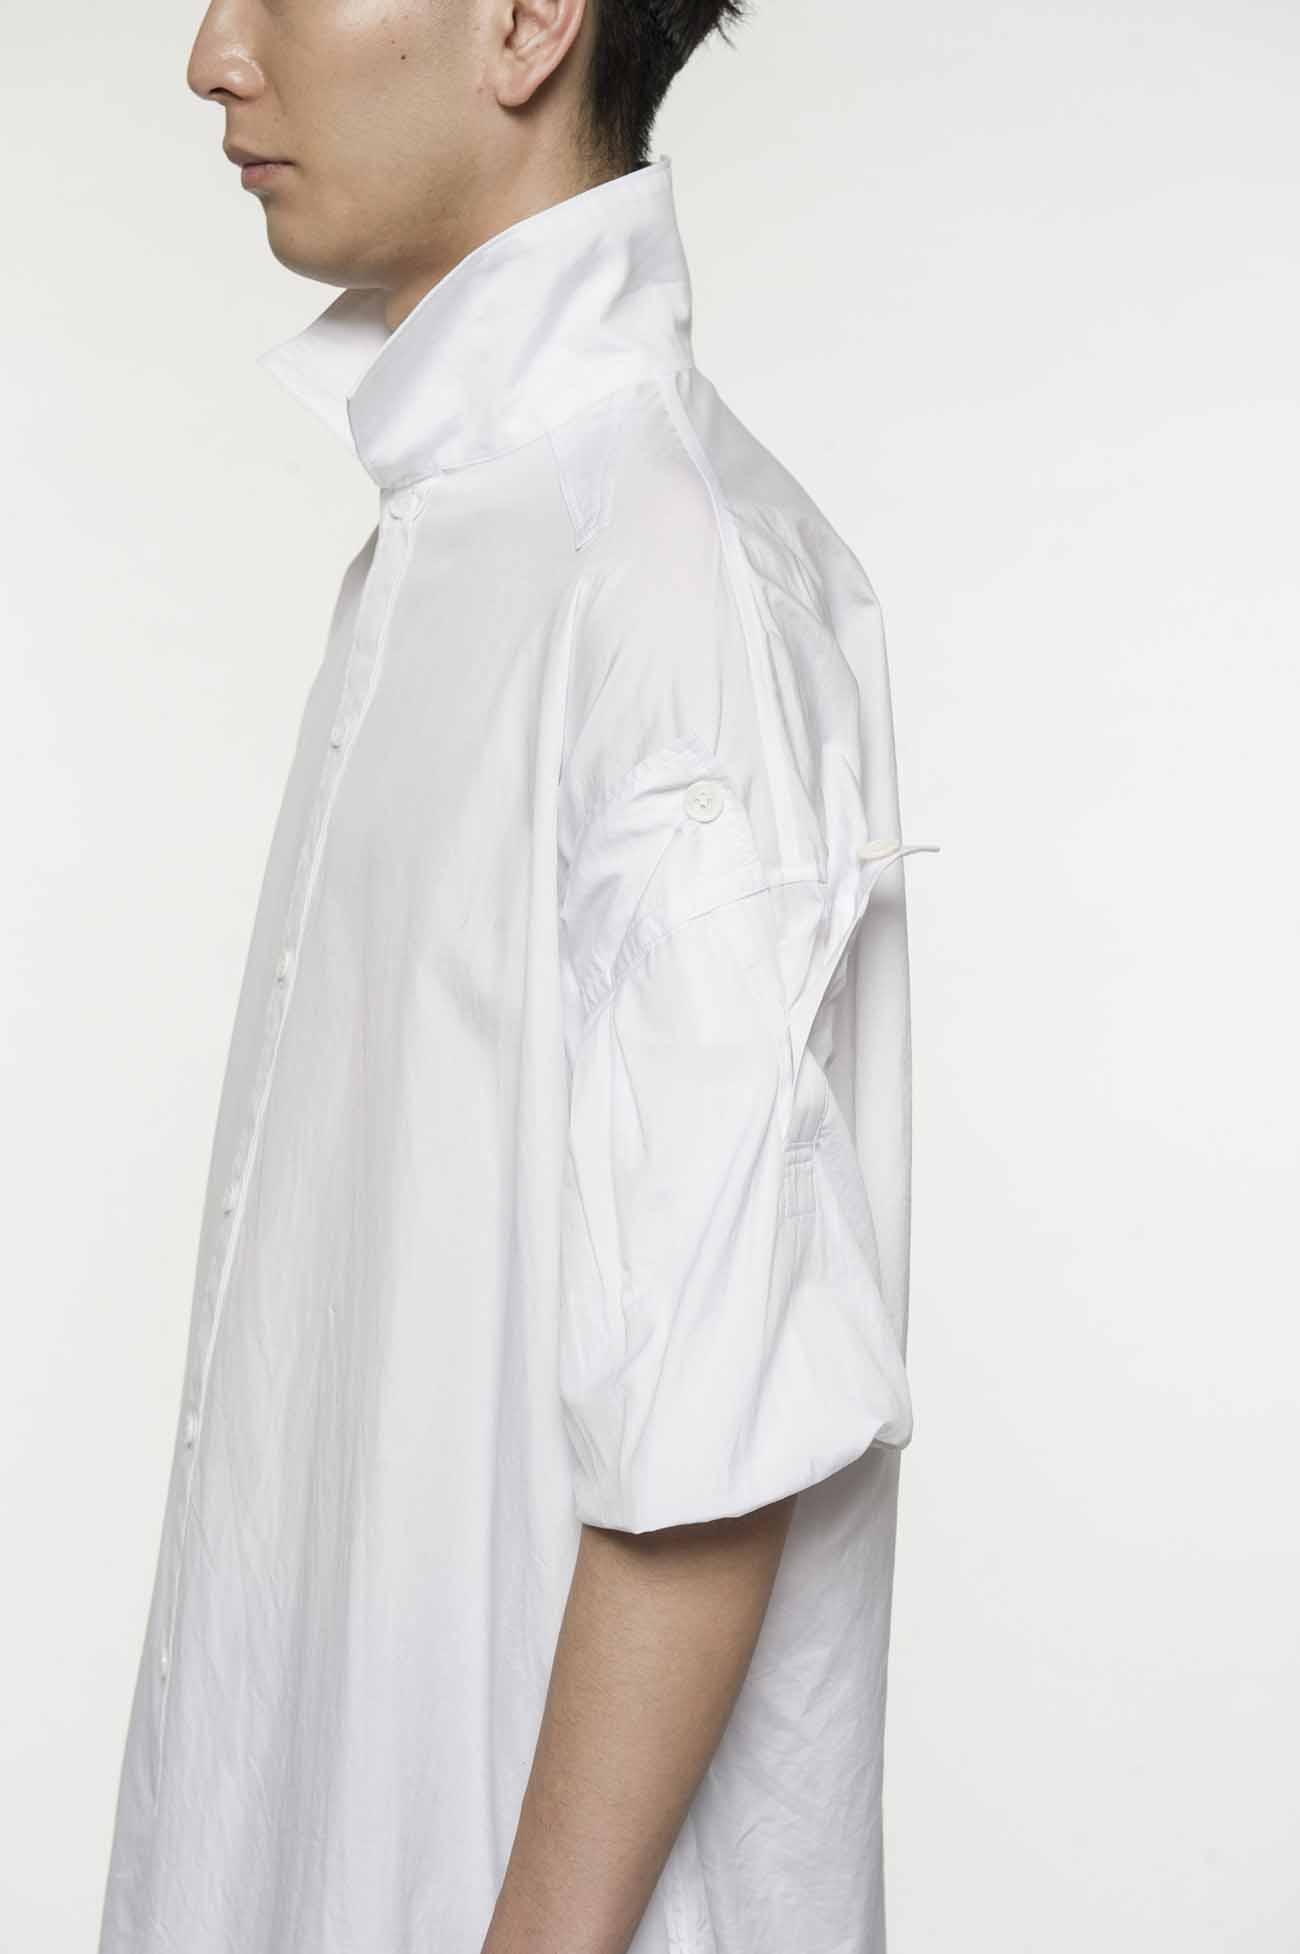 蝙蝠袖长款衬衫